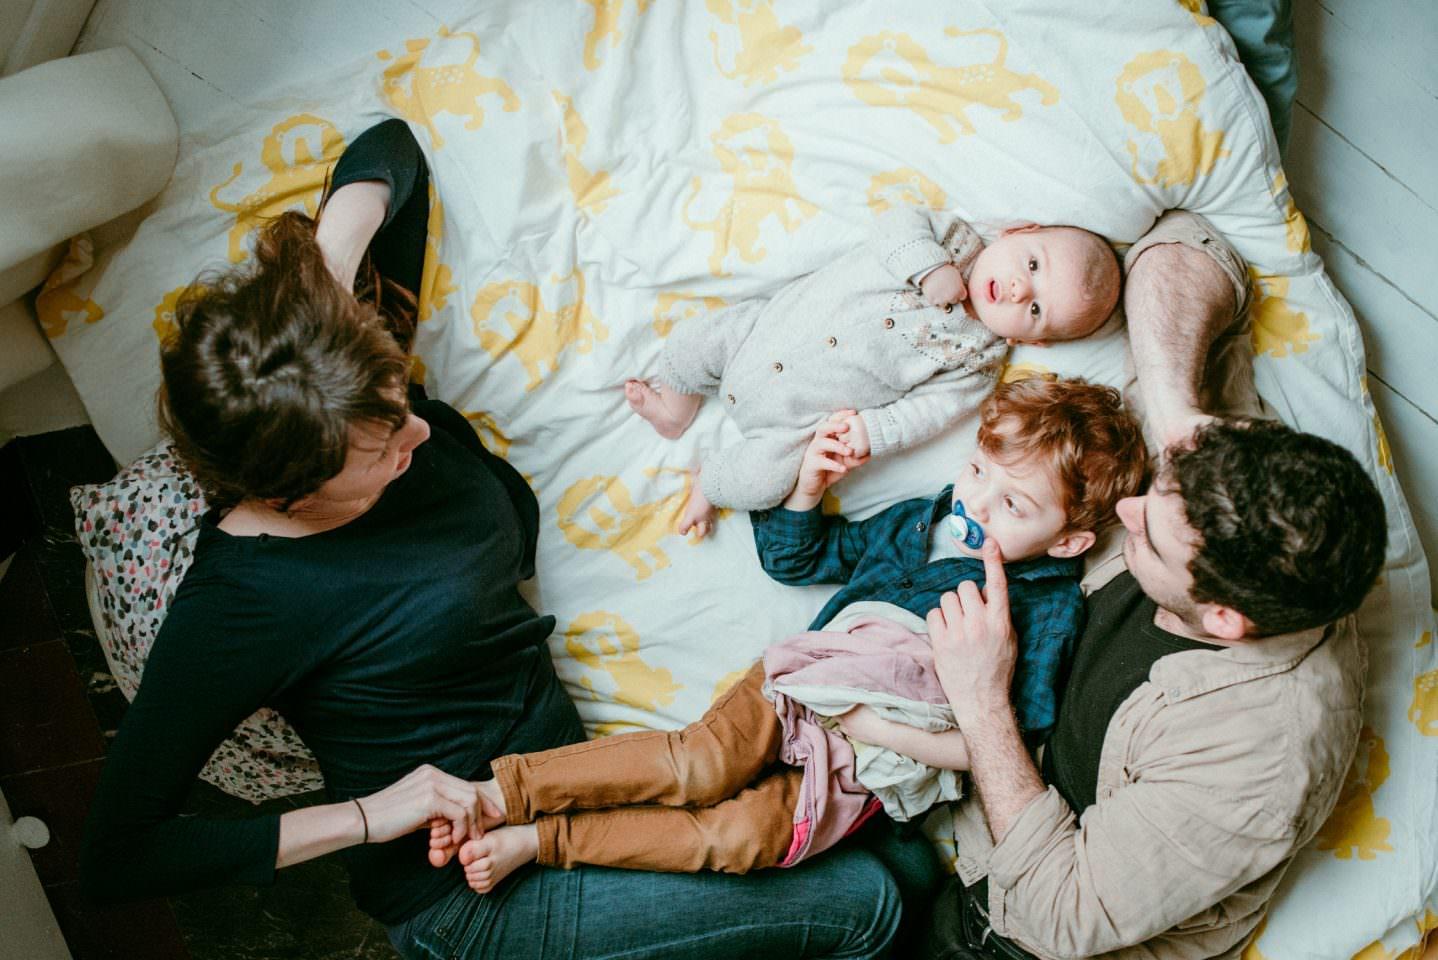 portrait de famille a domcile. Ils sont tous les 4 par terre, sur un duvet. les enfants sont allonges et les parents les regardent avec amour.